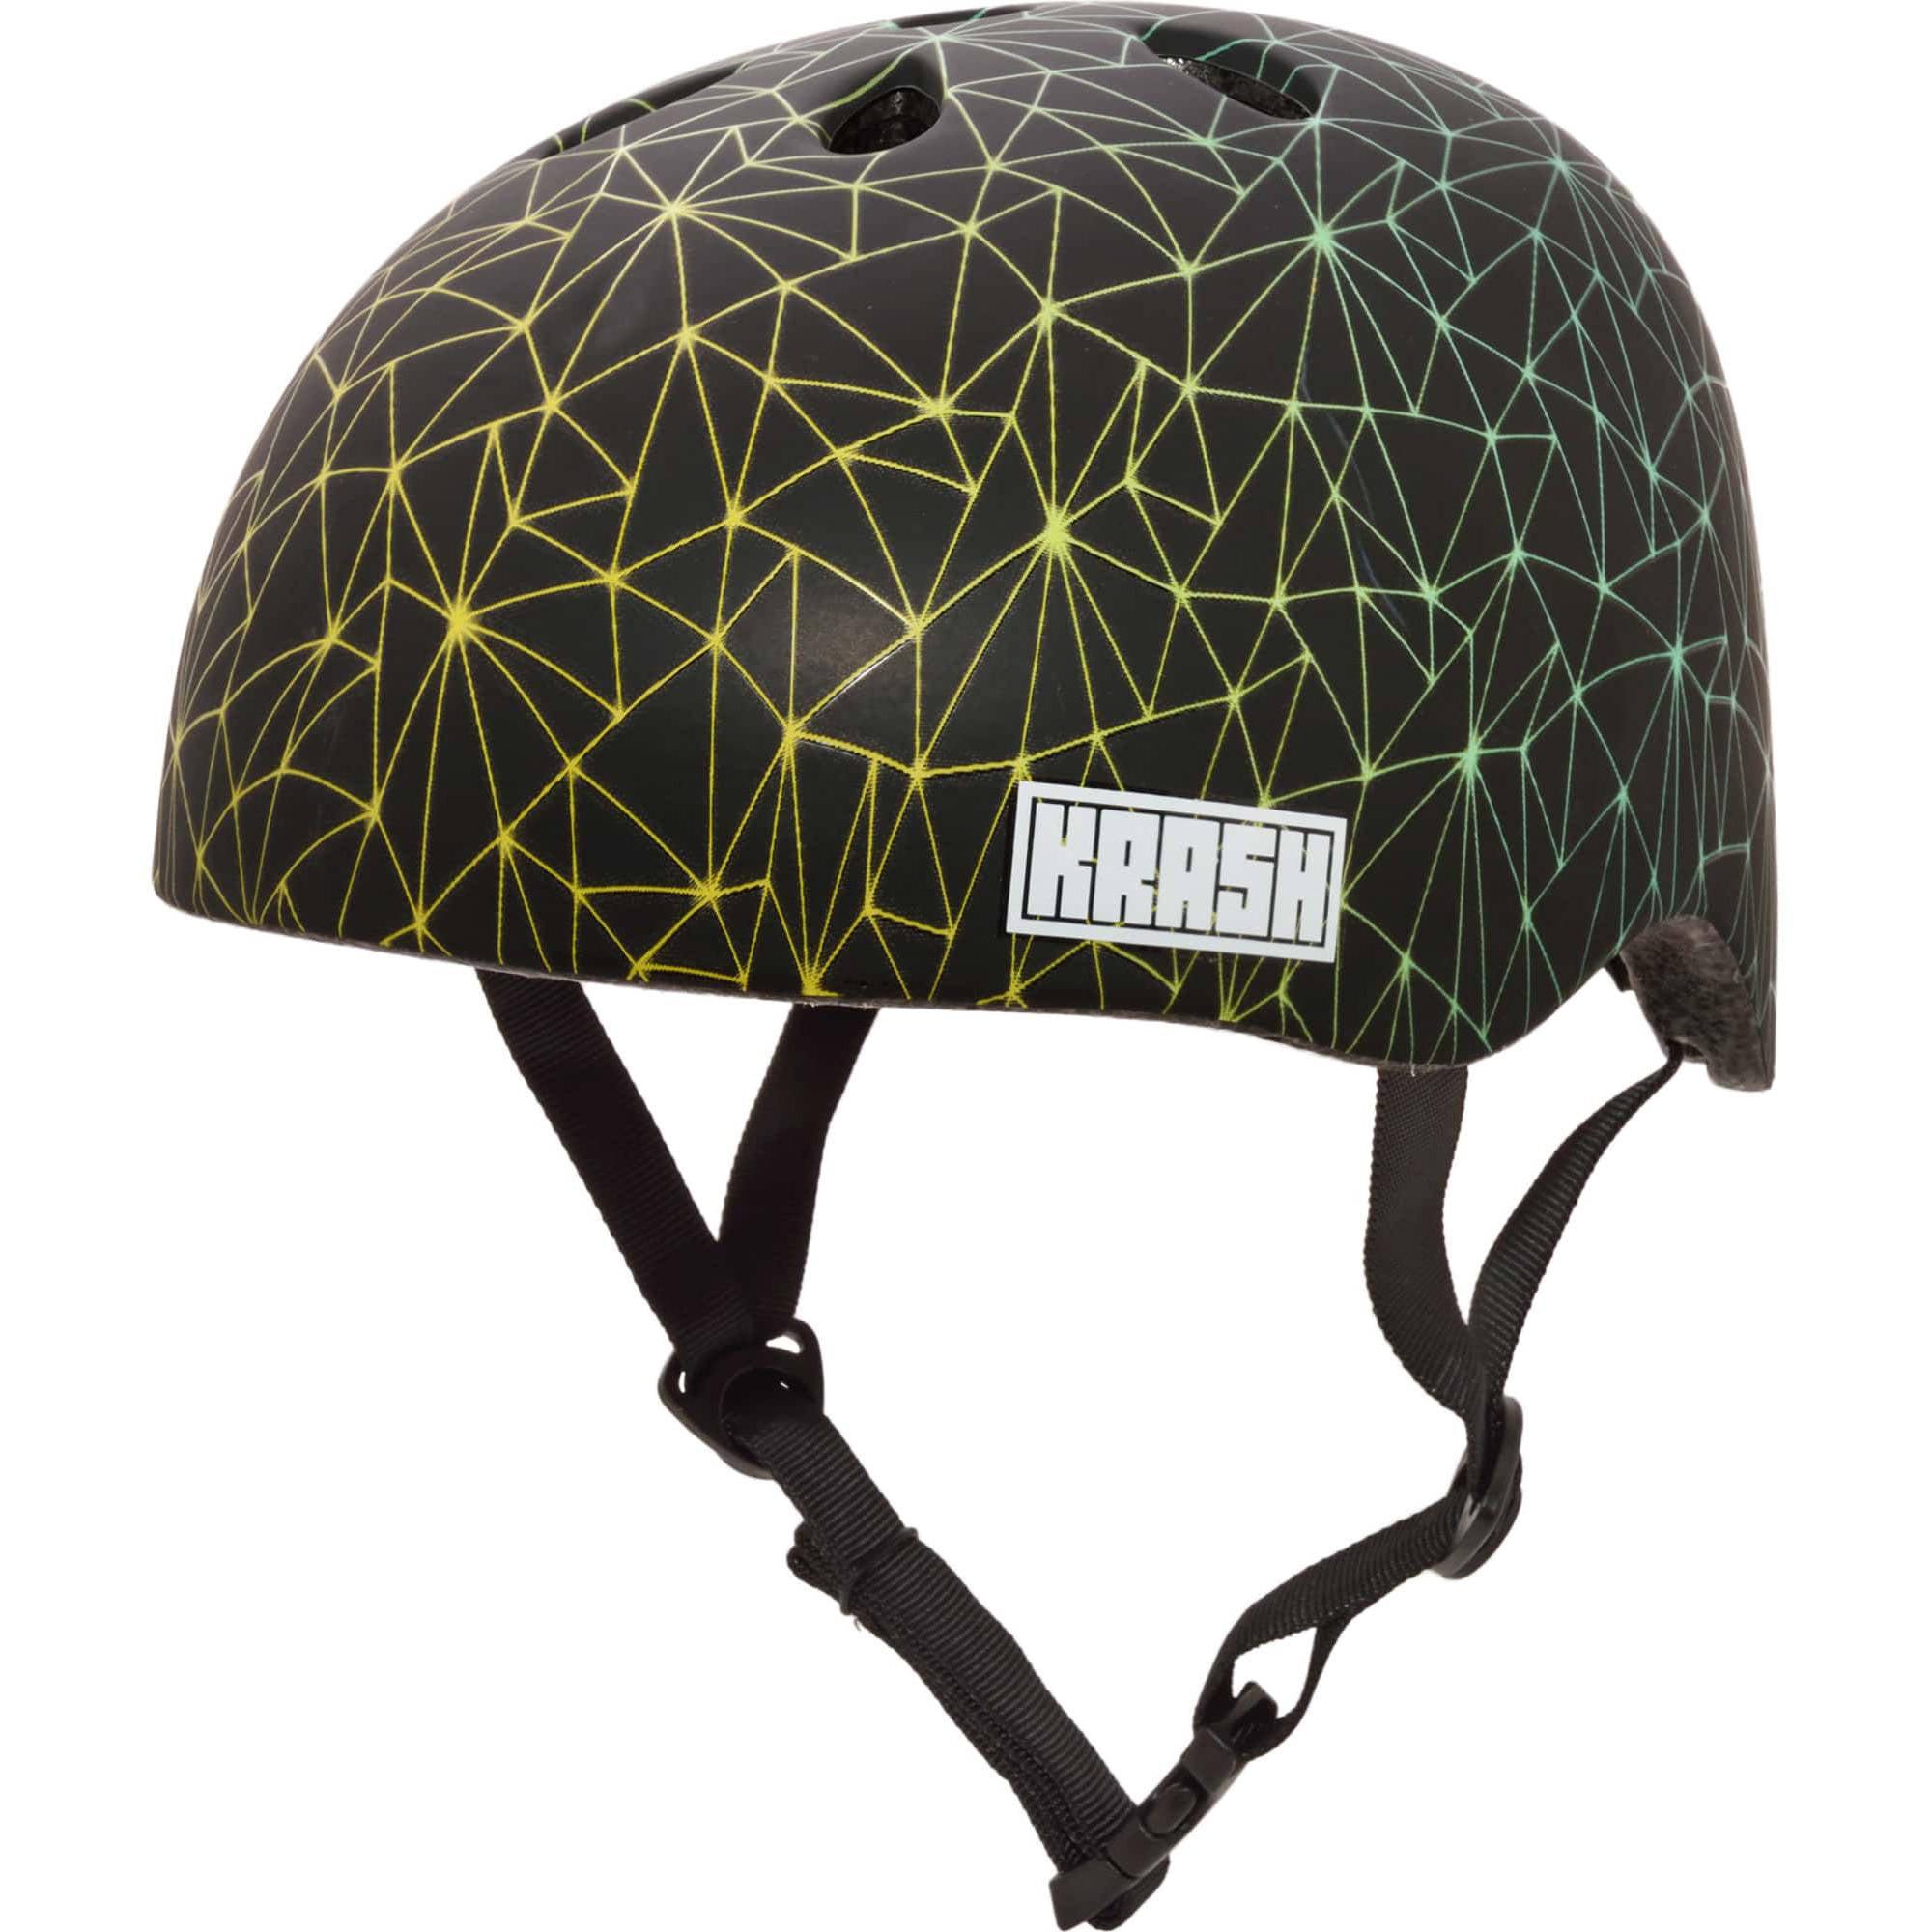 Krash! Neon Beams Multisport Helmet, Youth 8+ (54-58cm)